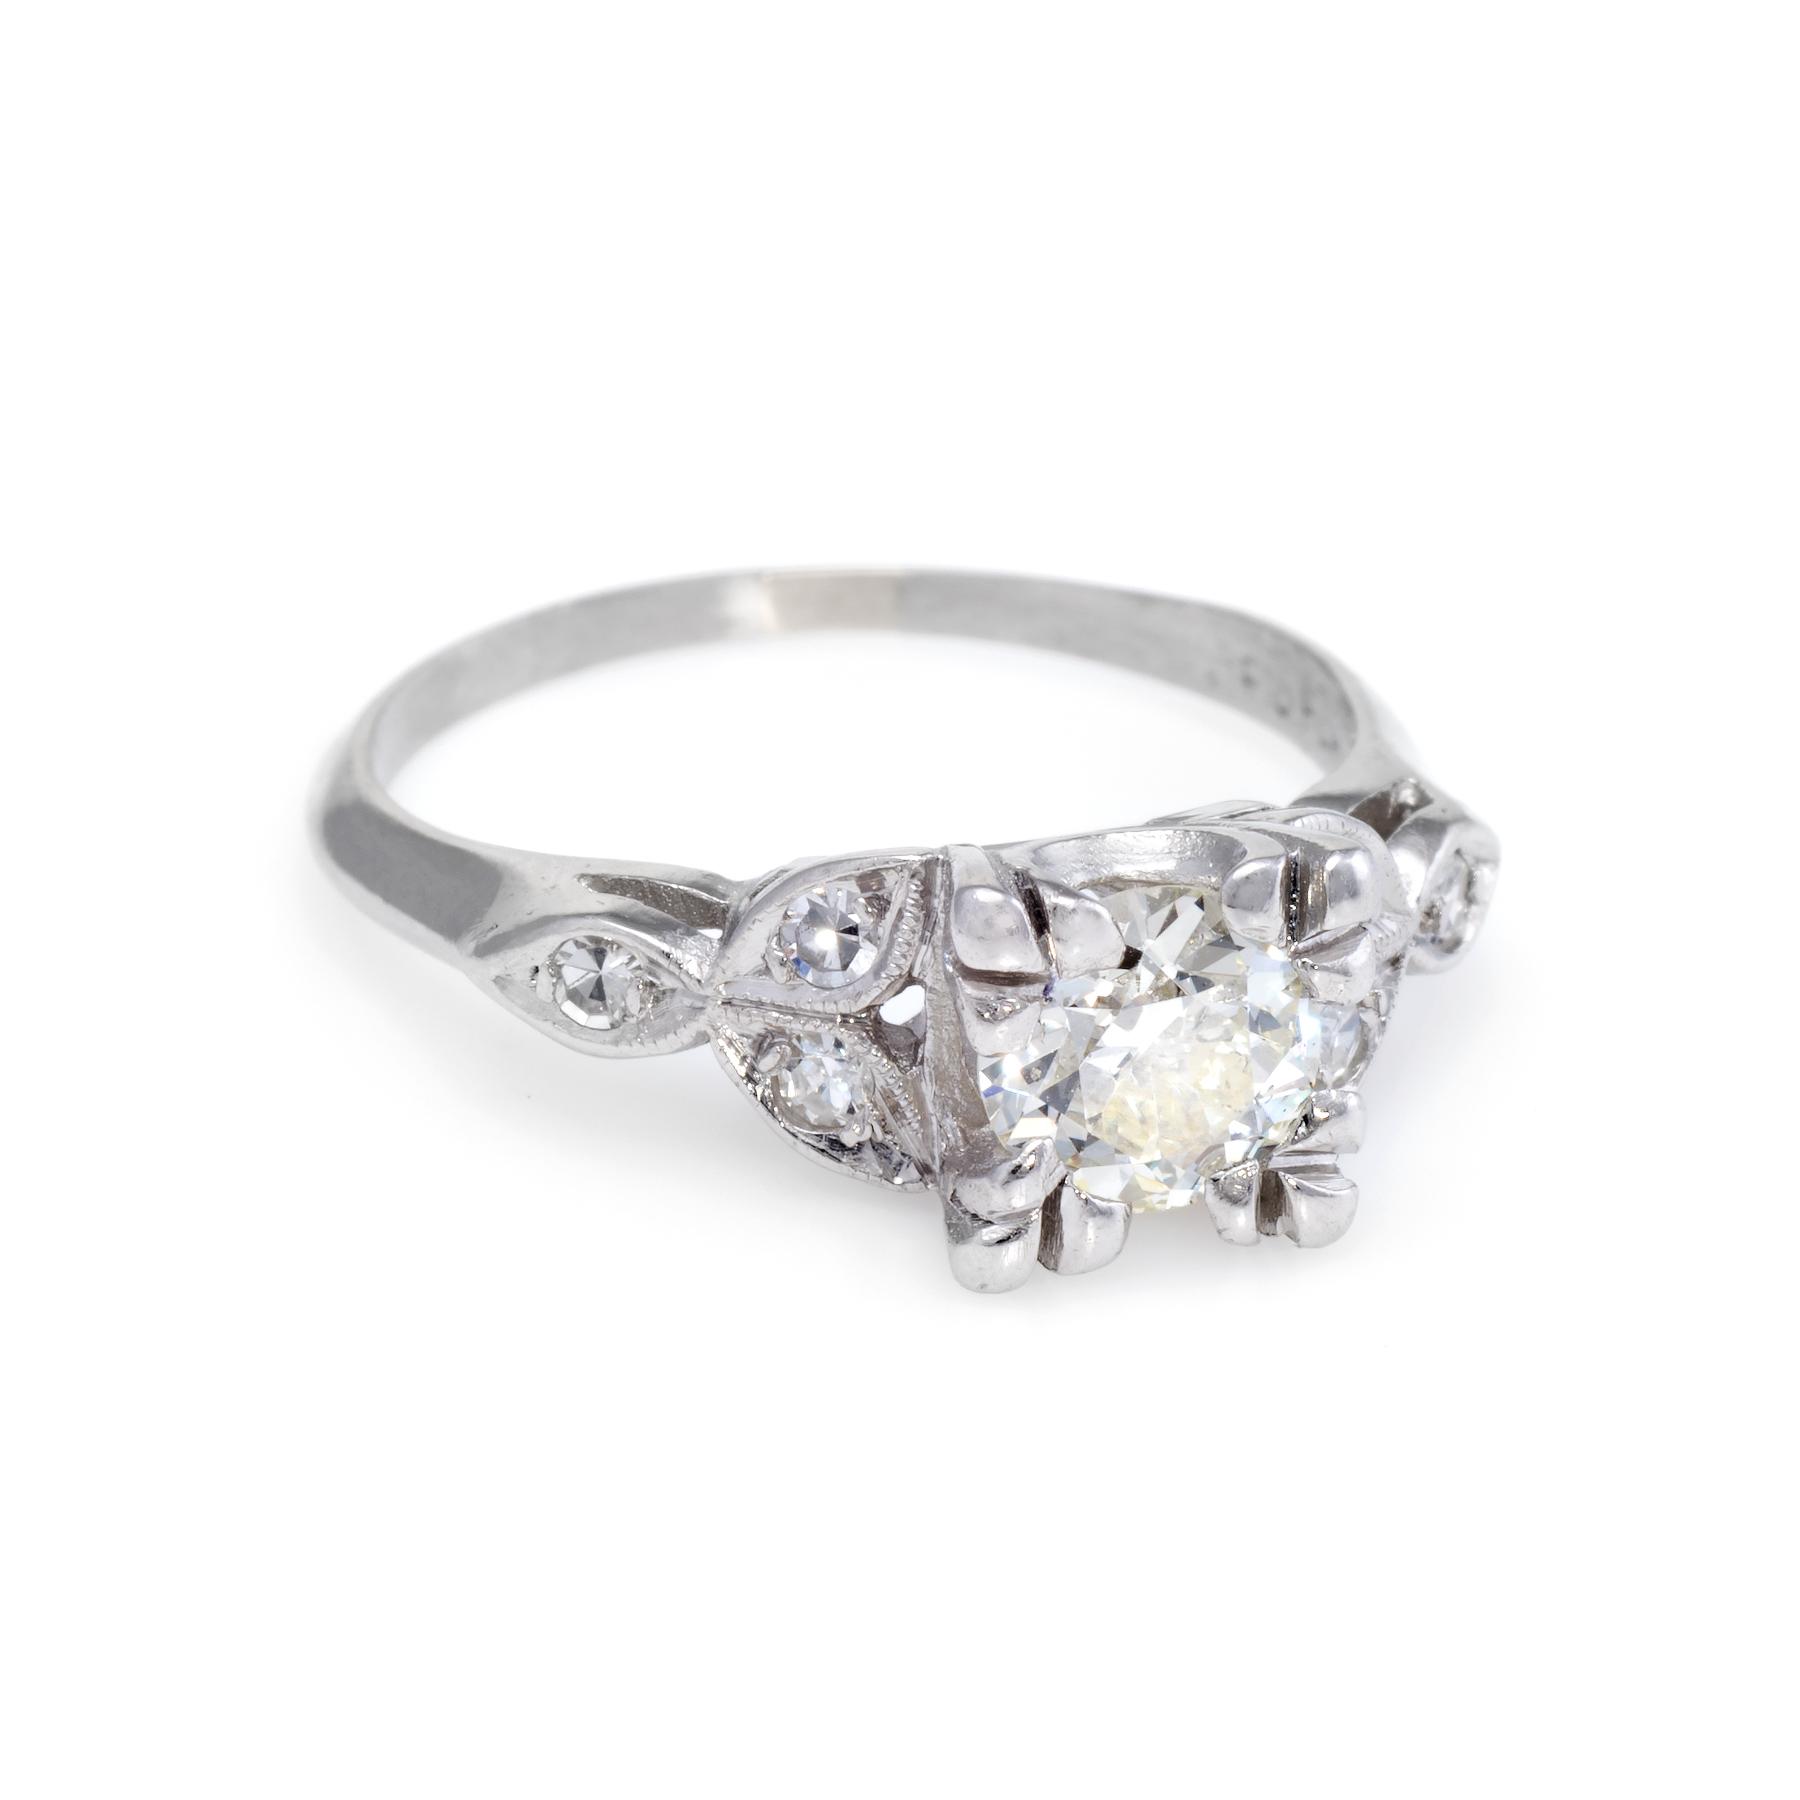 09d67fbd603a3 Details about Antique Deco Diamond Platinum Engagement Ring Vintage Estate  Bridal Jewelry